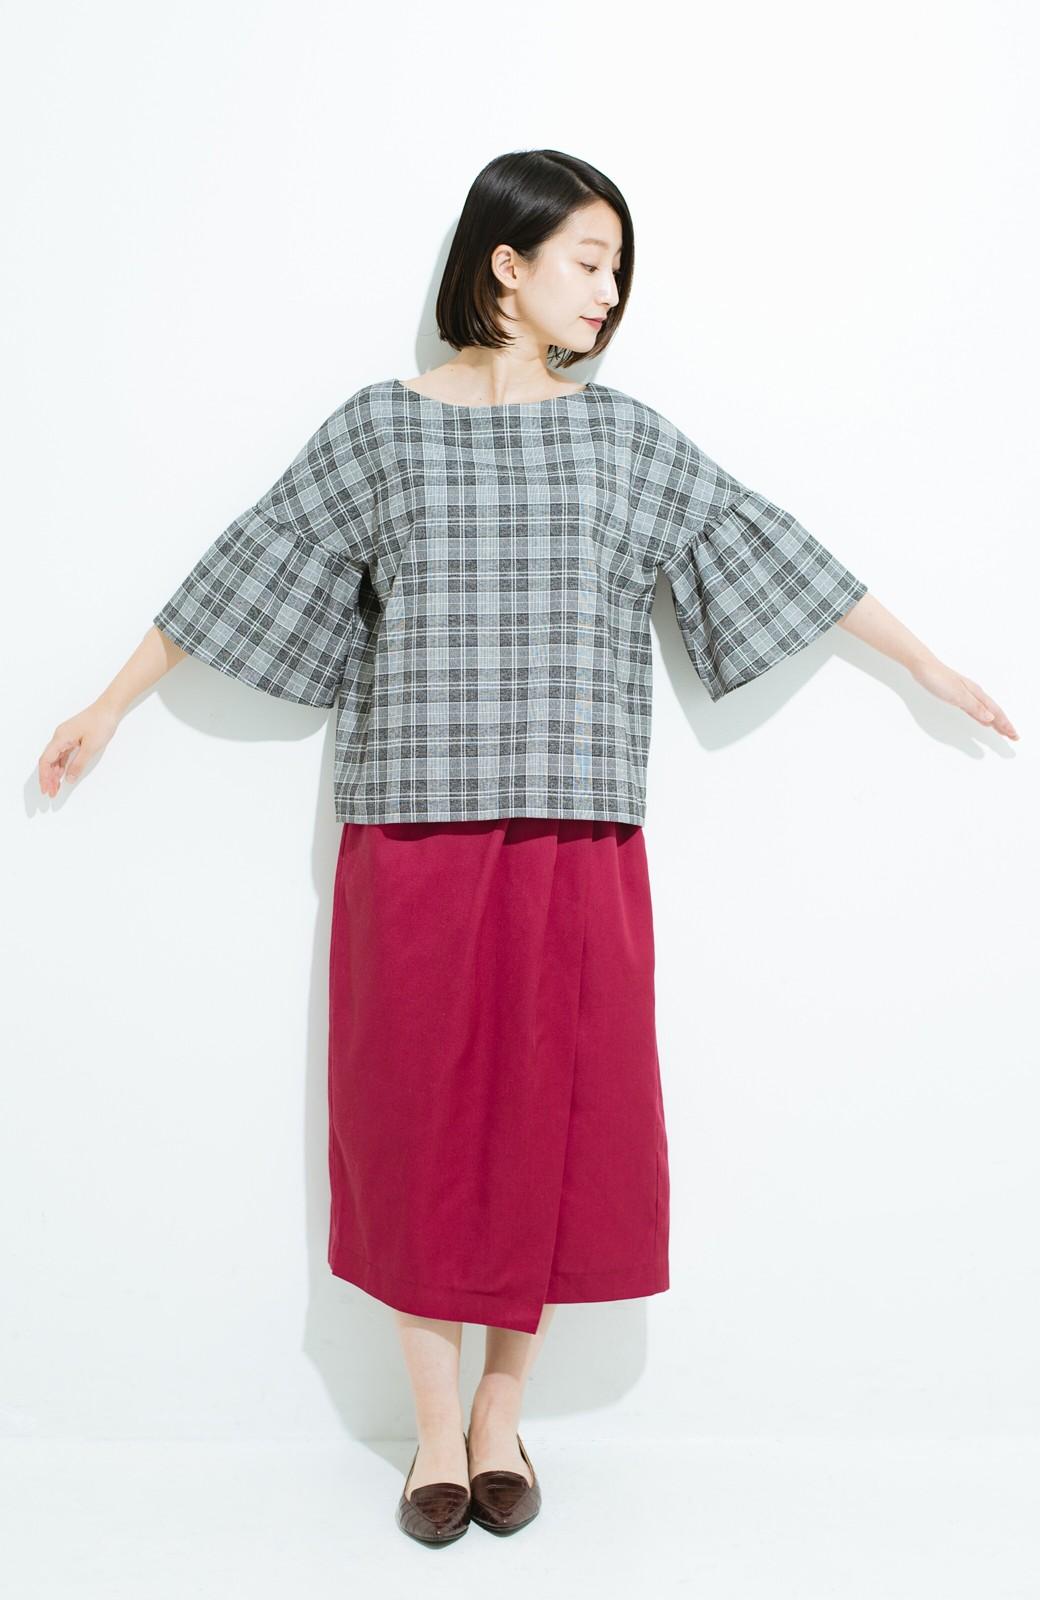 haco! パッと着てきれいな フレアースリーブTブラウス <ブラック系その他>の商品写真8